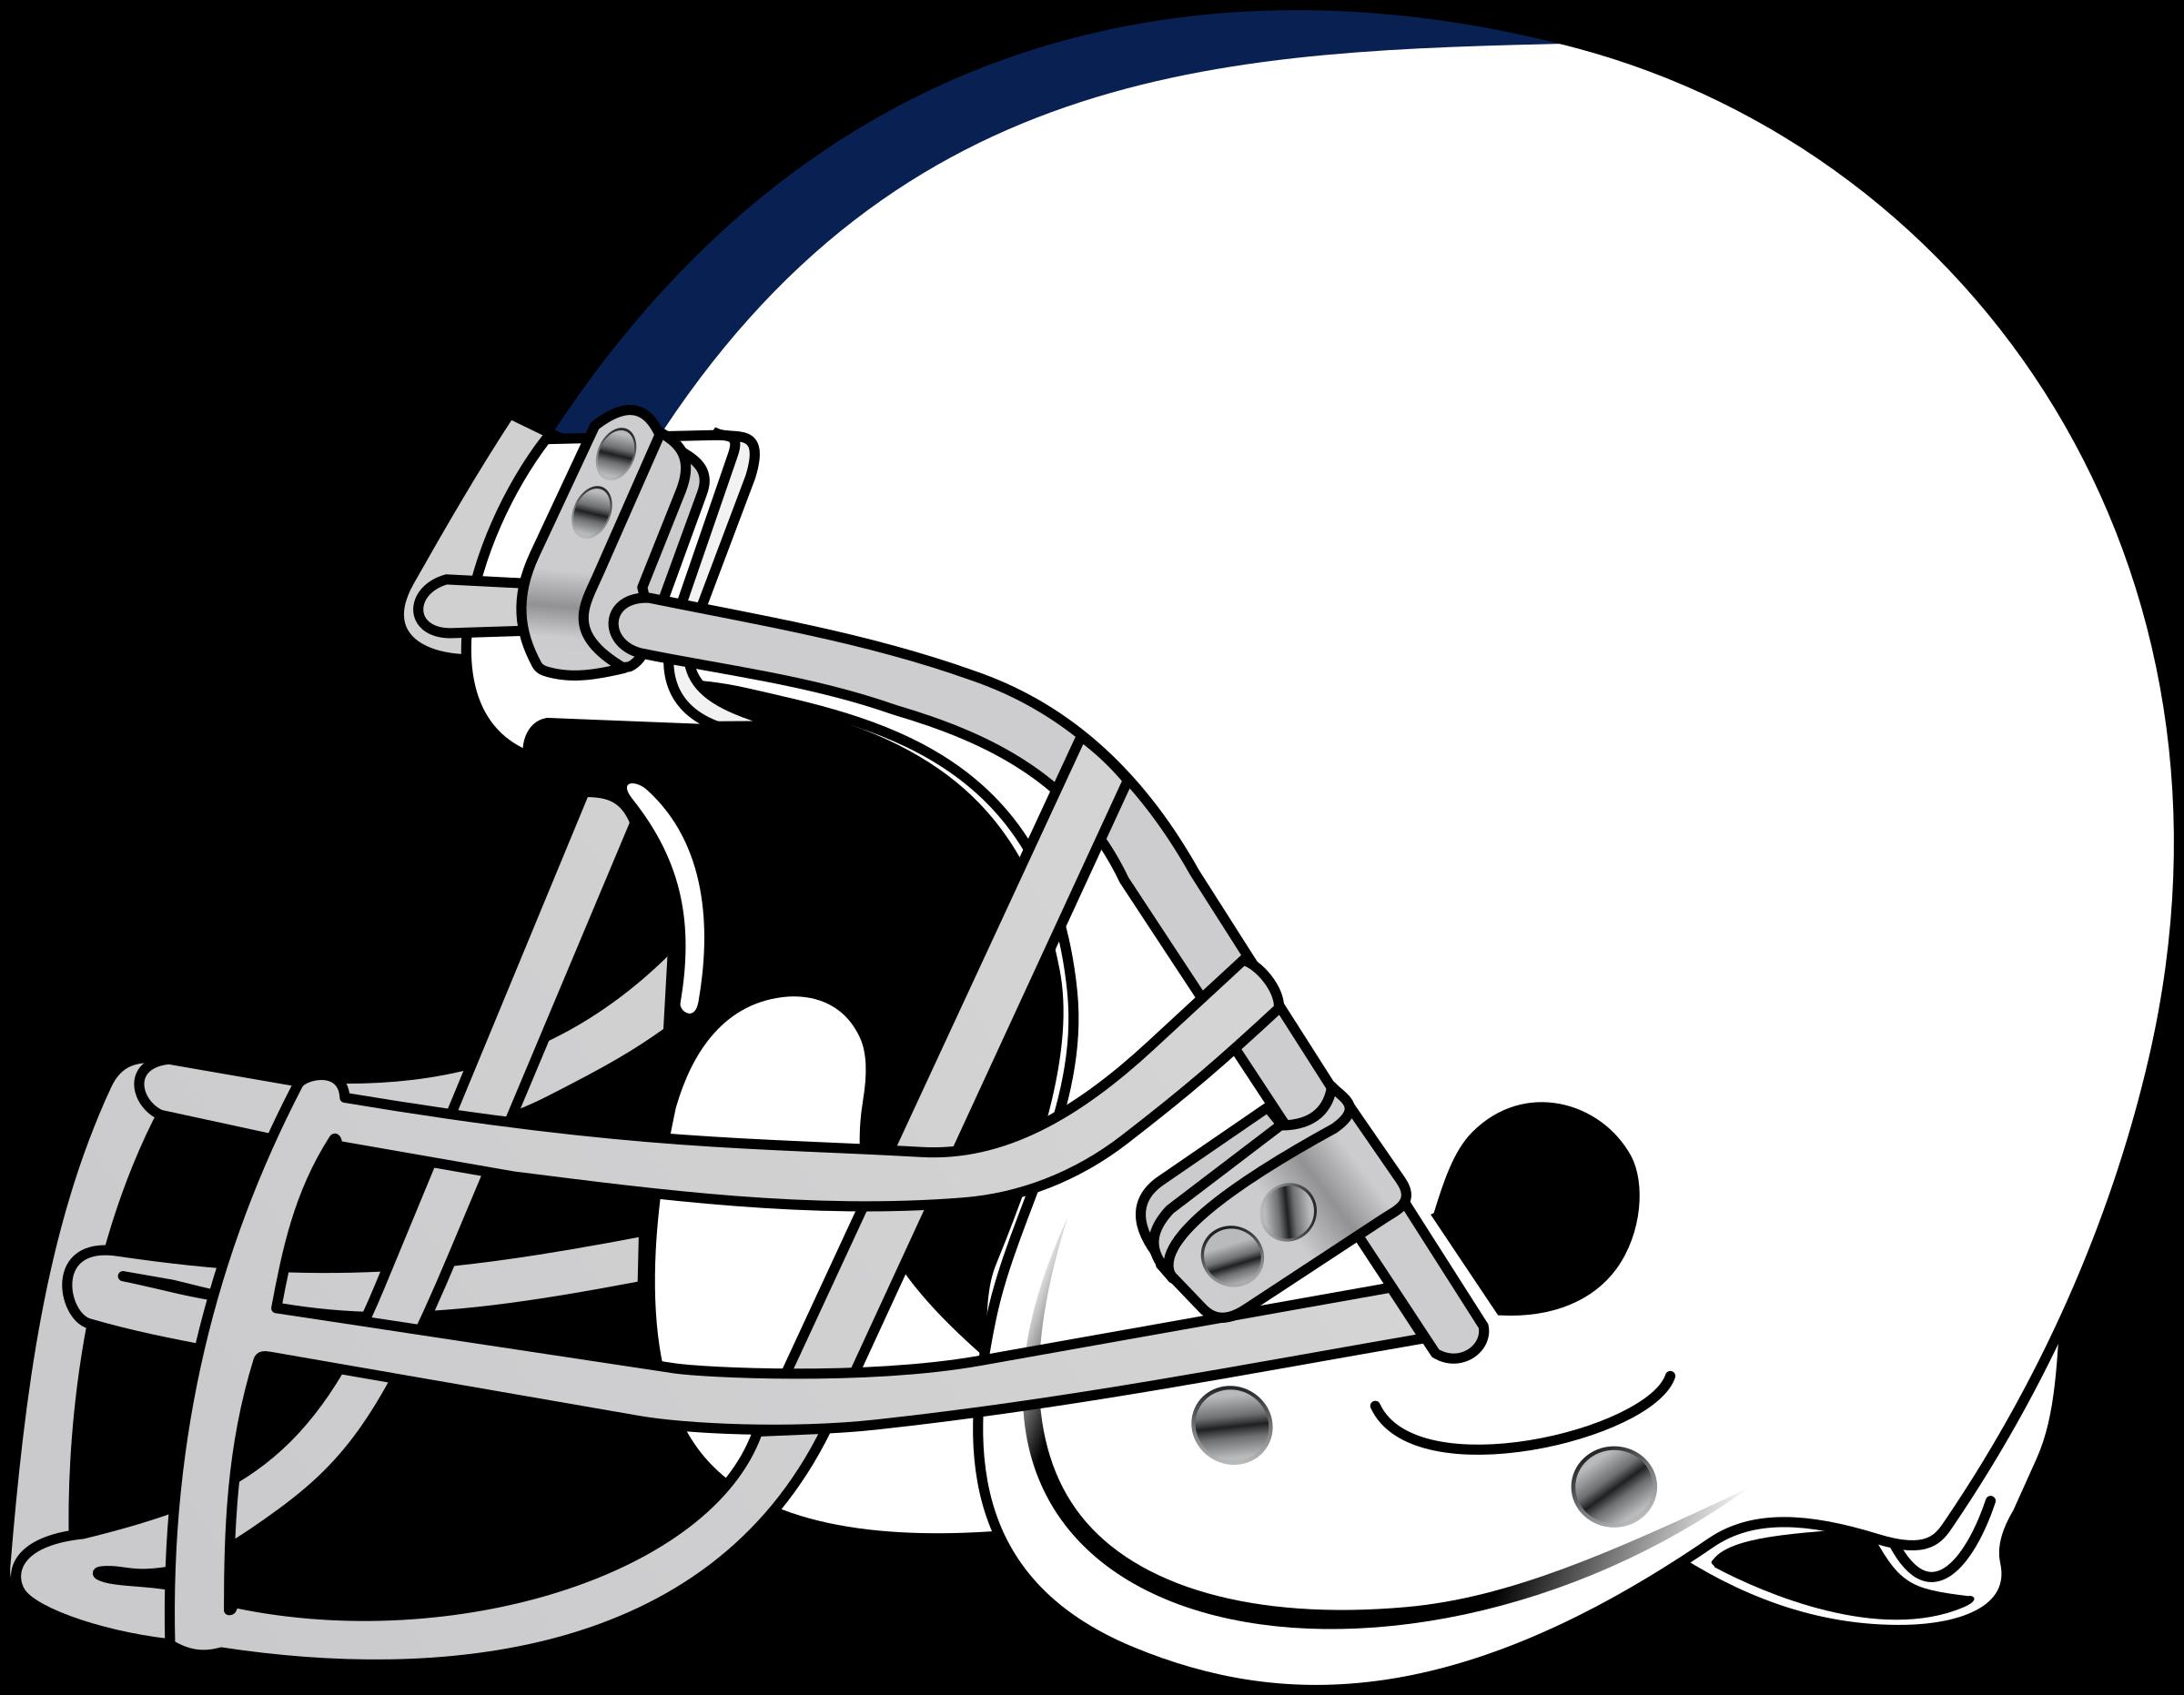 Navy clipart football helmet #14